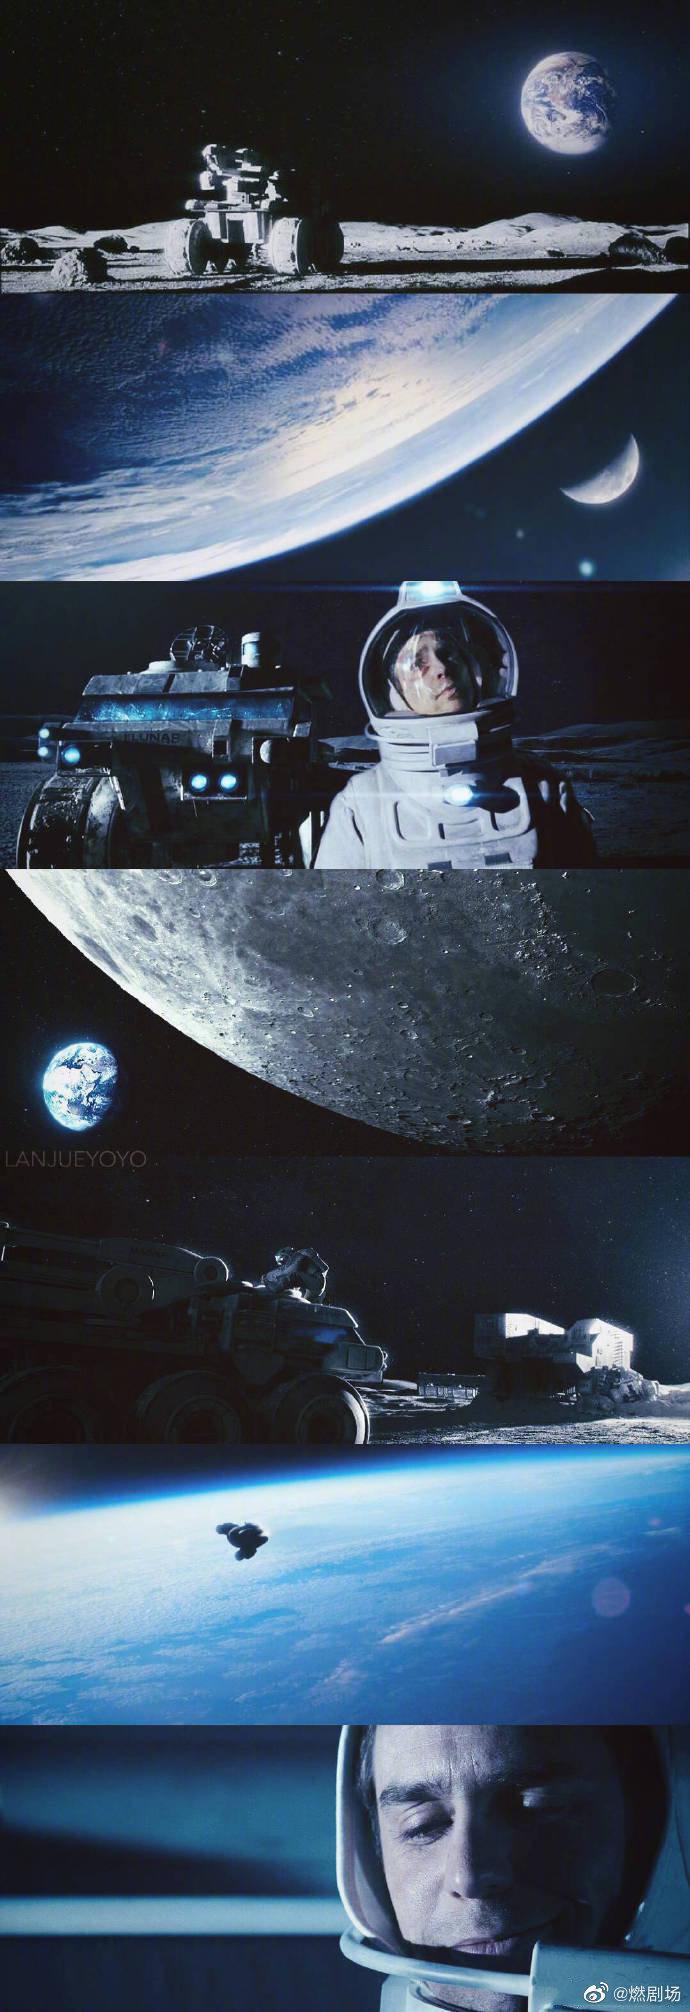 人类电影中的太空 在浩瀚无垠的苍穹里,地球是一粒浪漫而有温度的尘埃